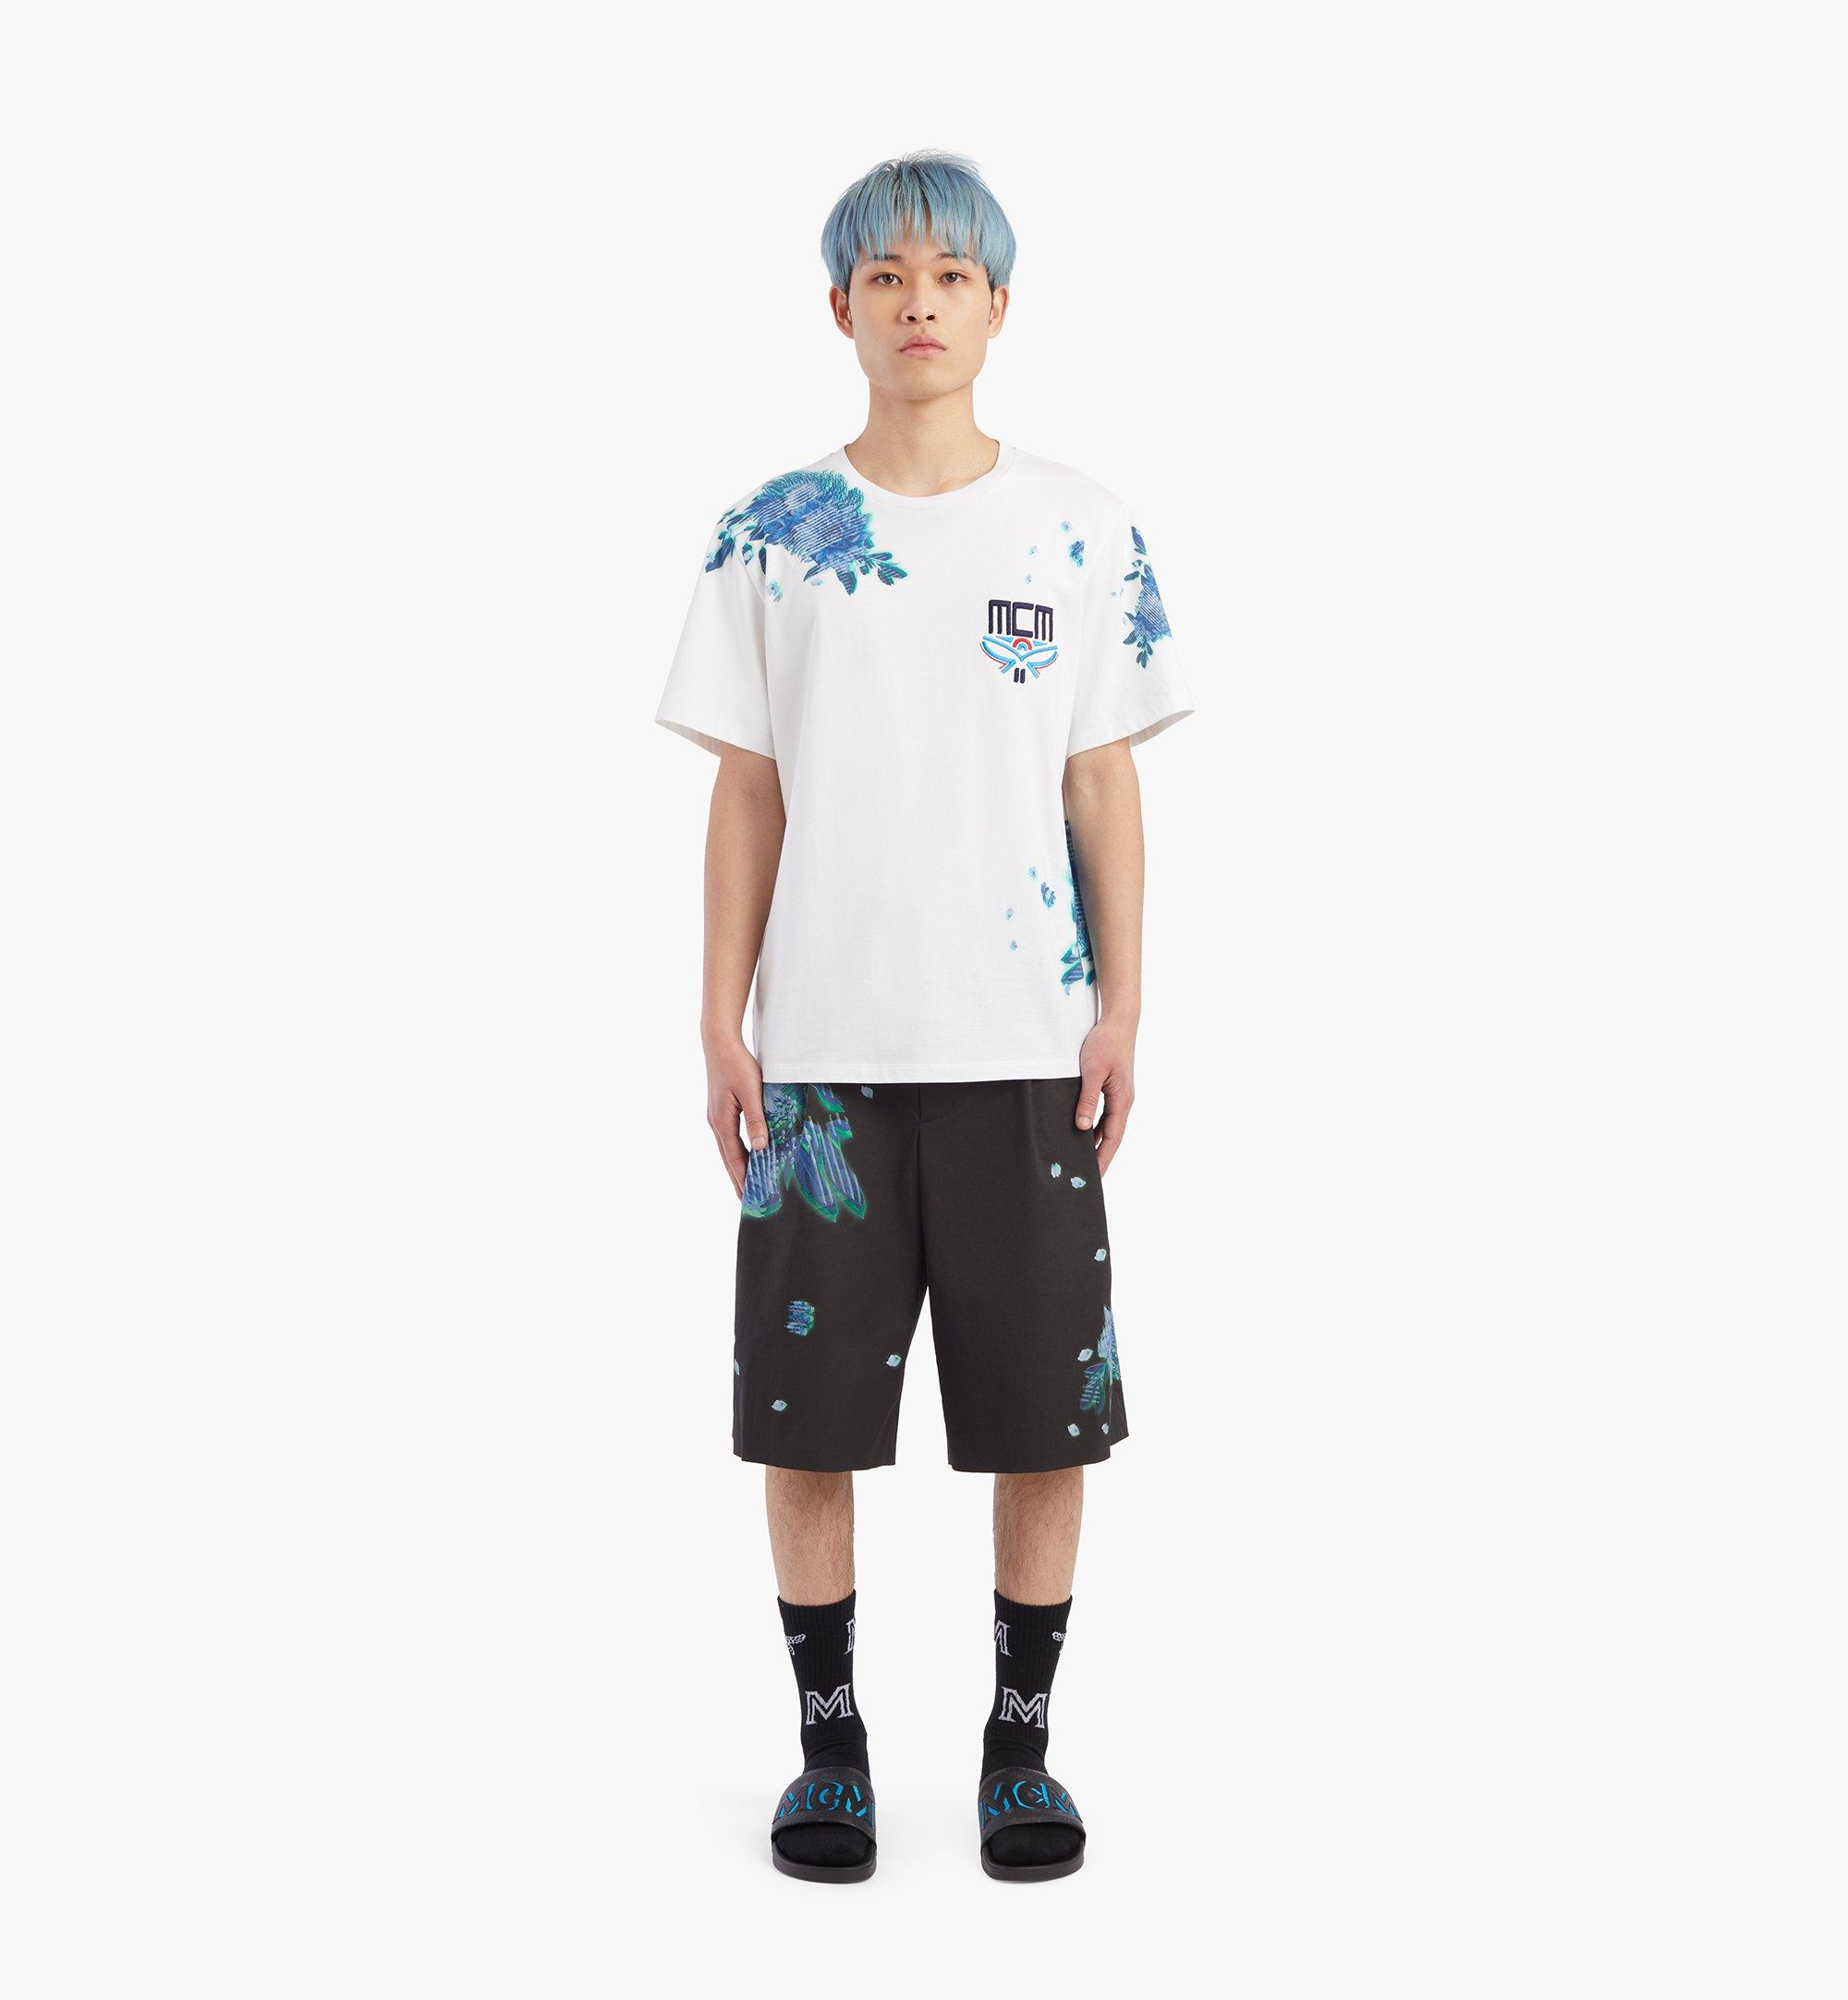 MCM เสื้อยืดพิมพ์ลาย Tech Flower สำหรับผู้ชาย White MHTBSMM07WT00M มุมมองอื่น 3